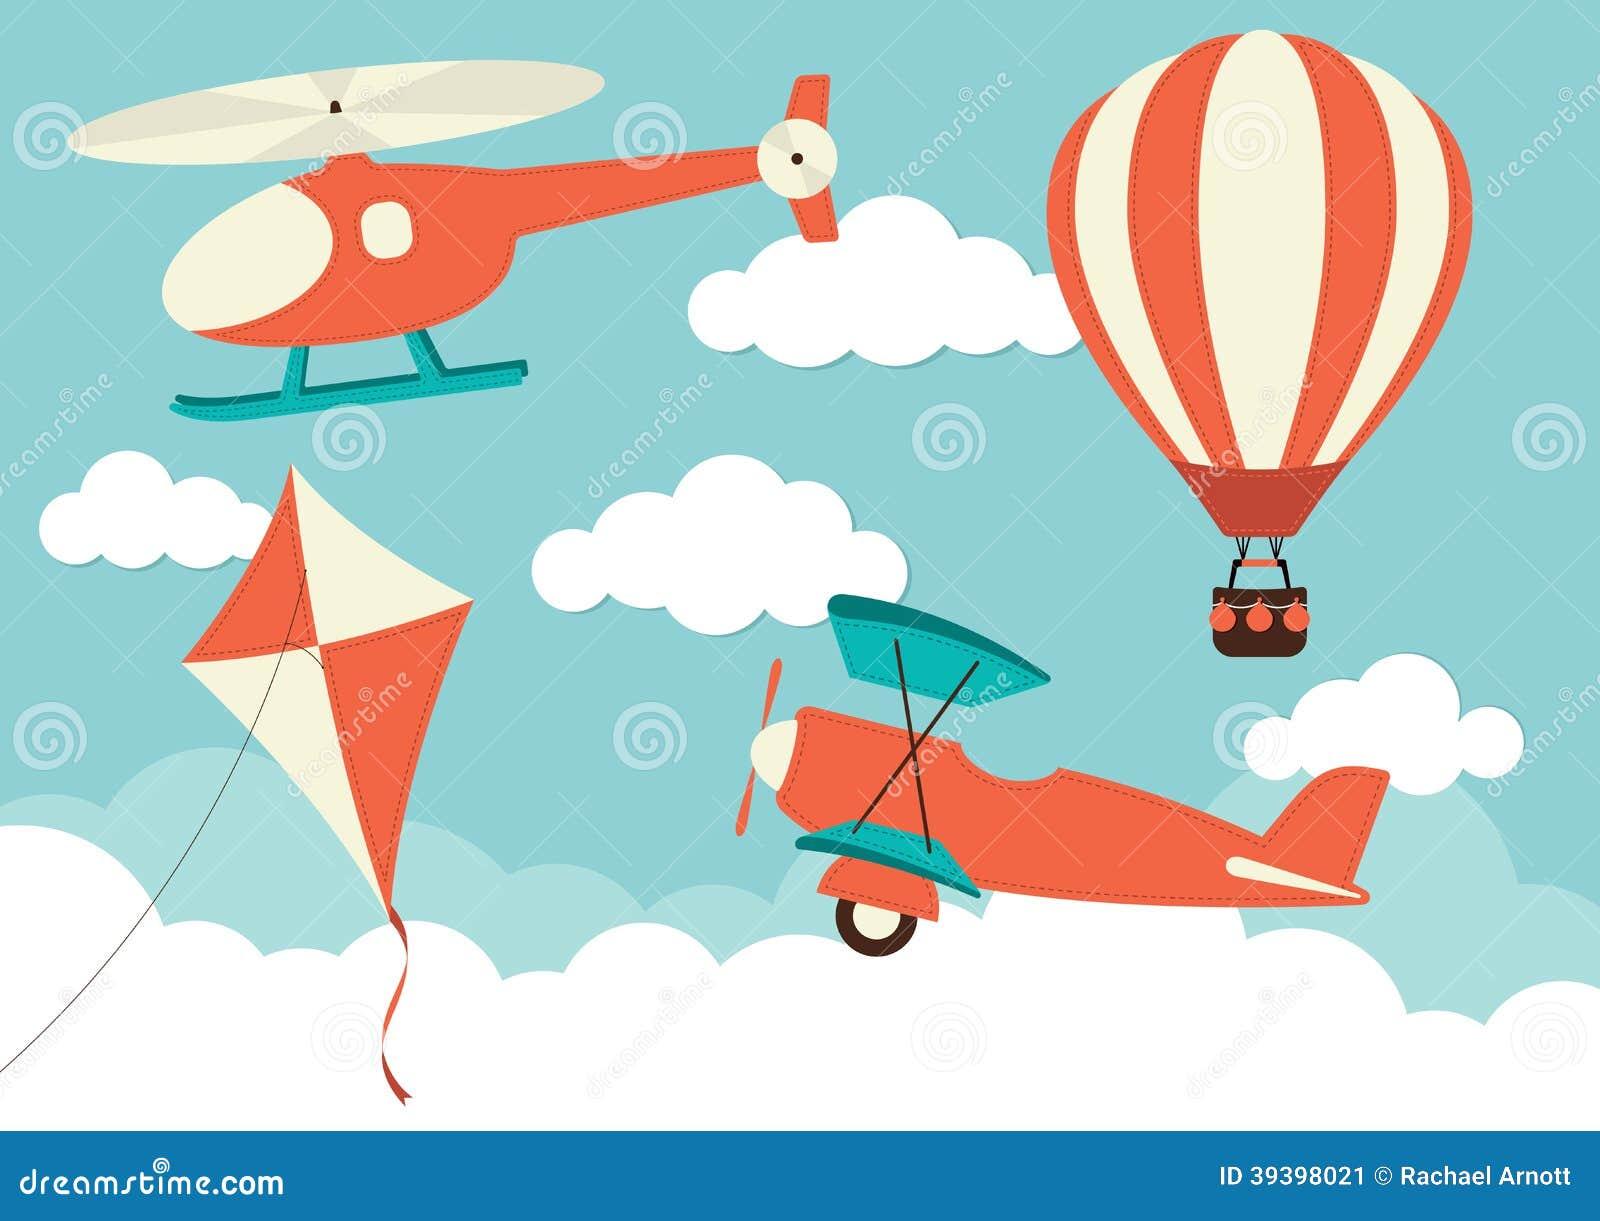 Elicottero Arancione : Elicottero aereo aquilone mongolfiera illustrazione